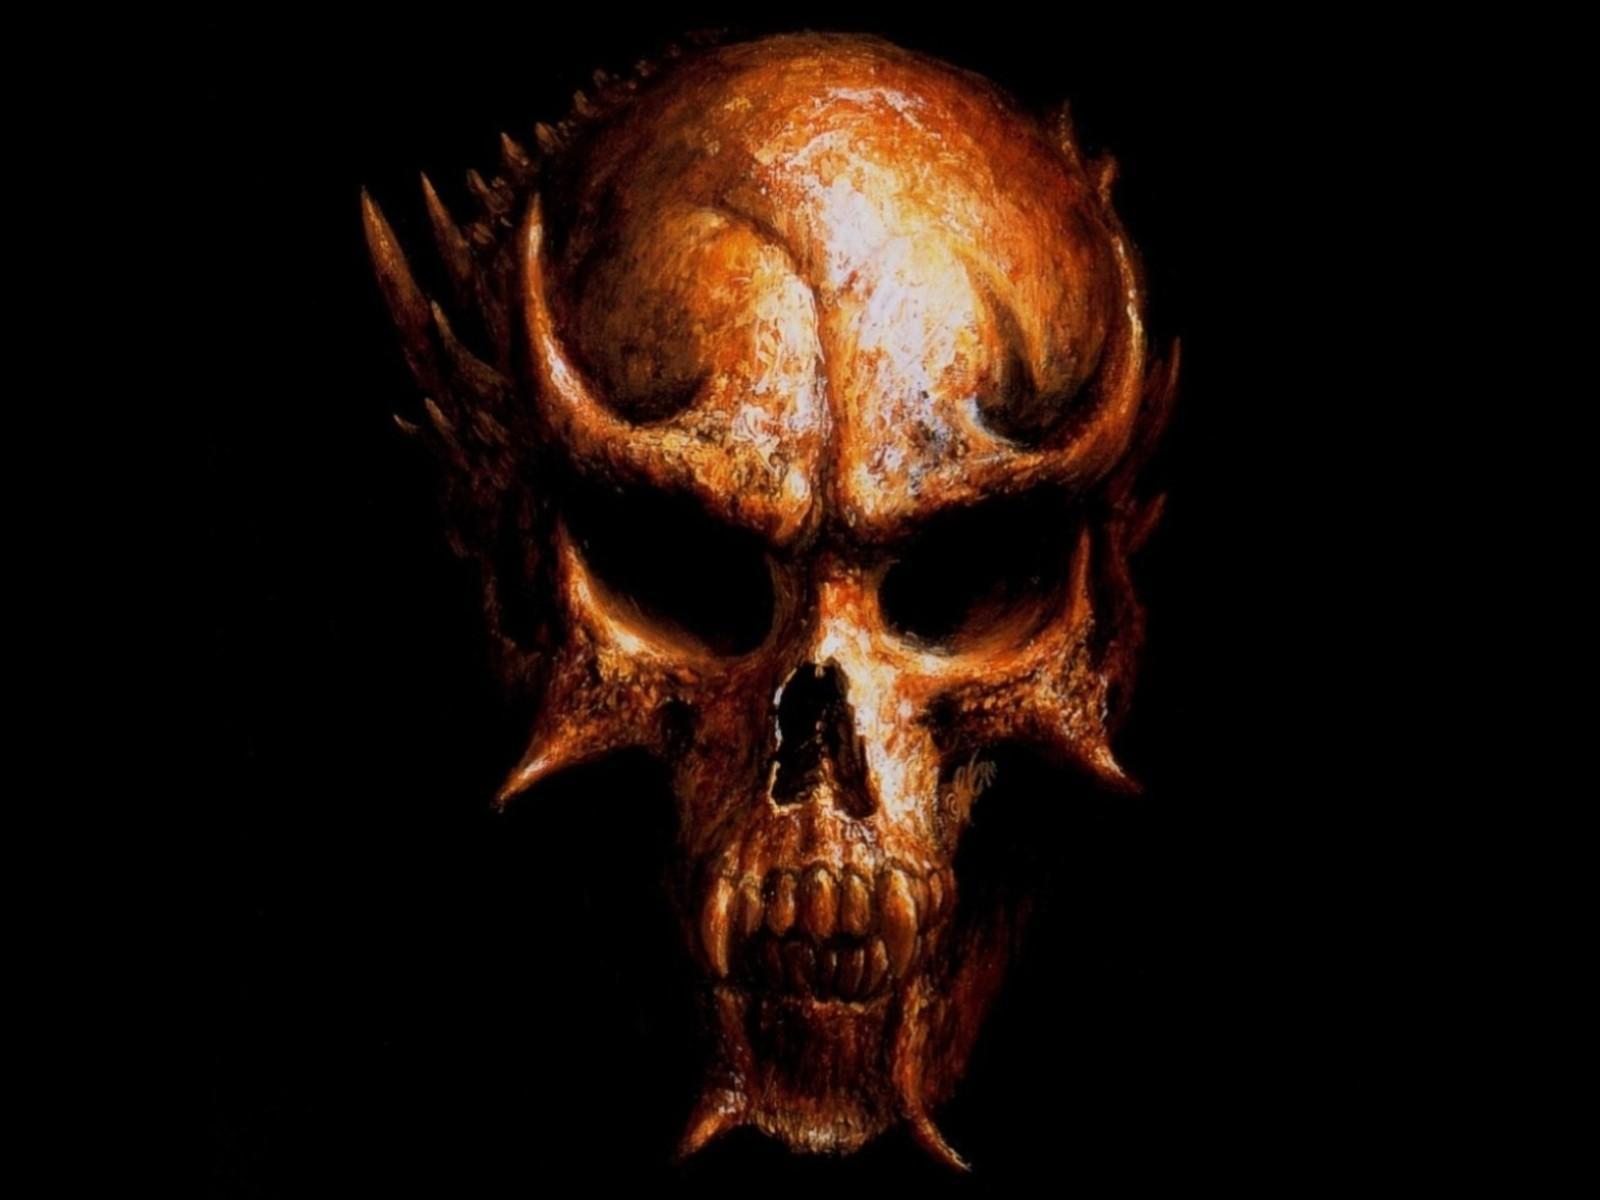 картинки черепа: